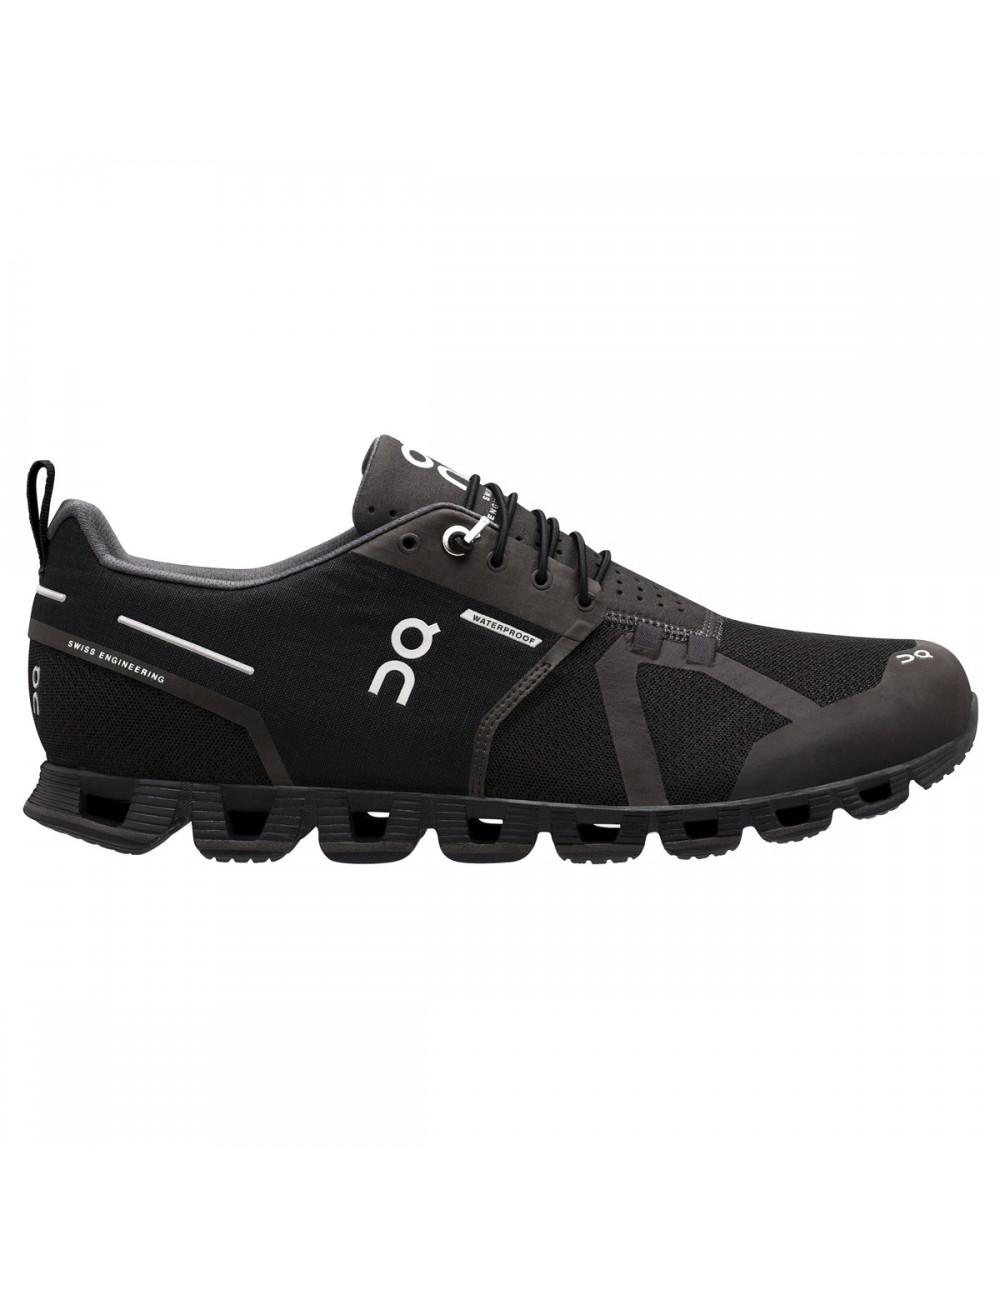 ON Cloud Waterproof Shoe_10926